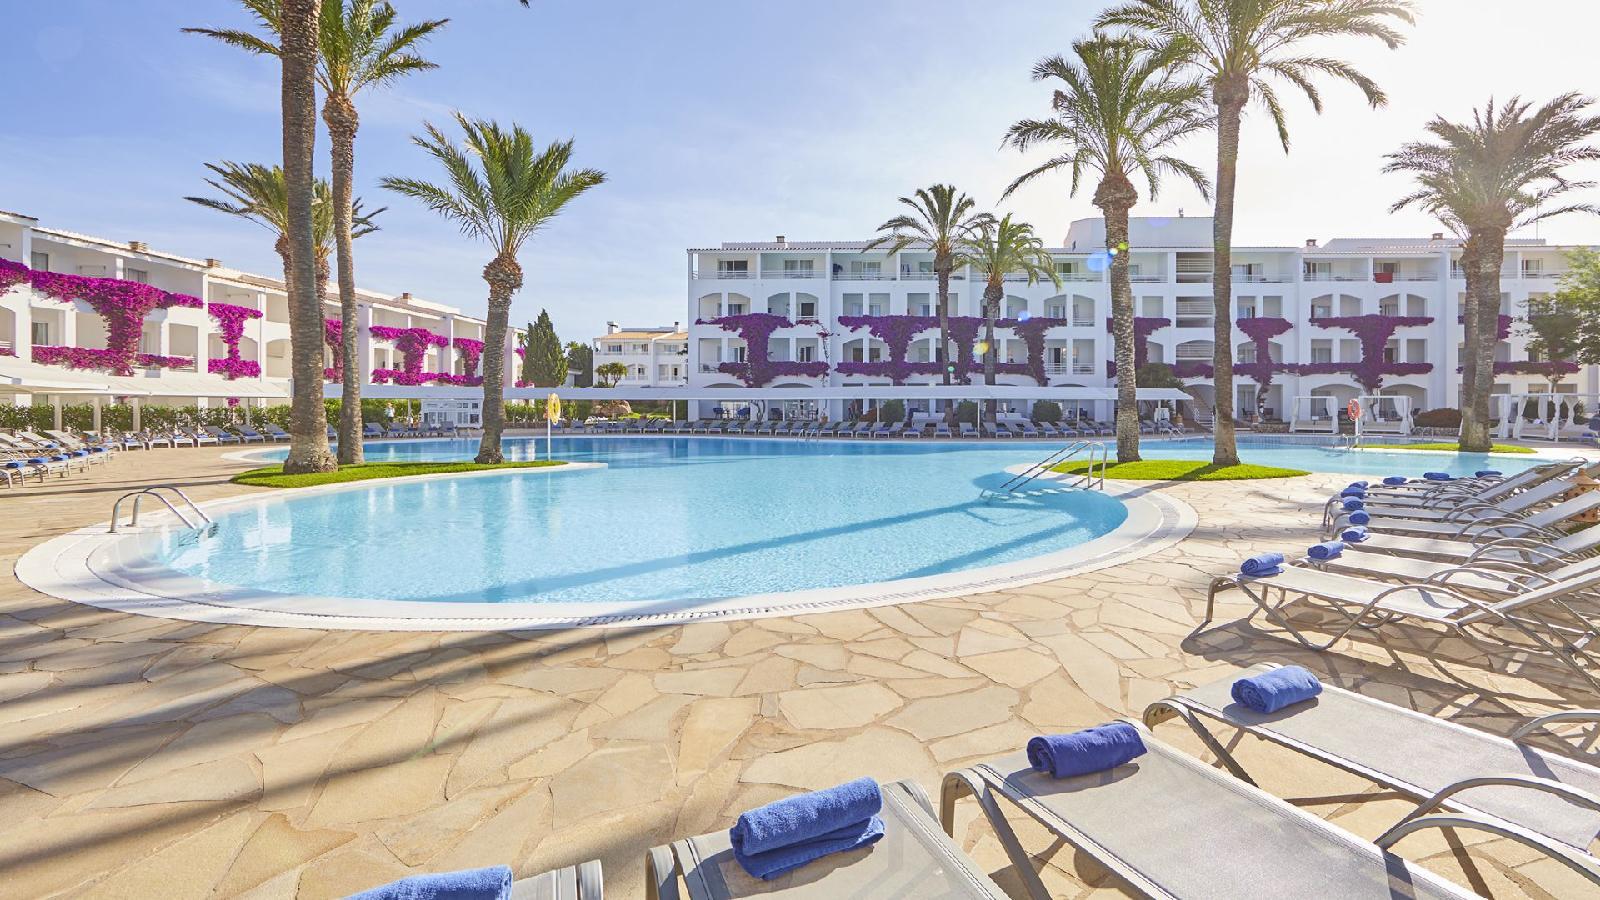 Prinsotel la caleta hotel y apartamentos en cala blanca for Toallas piscina